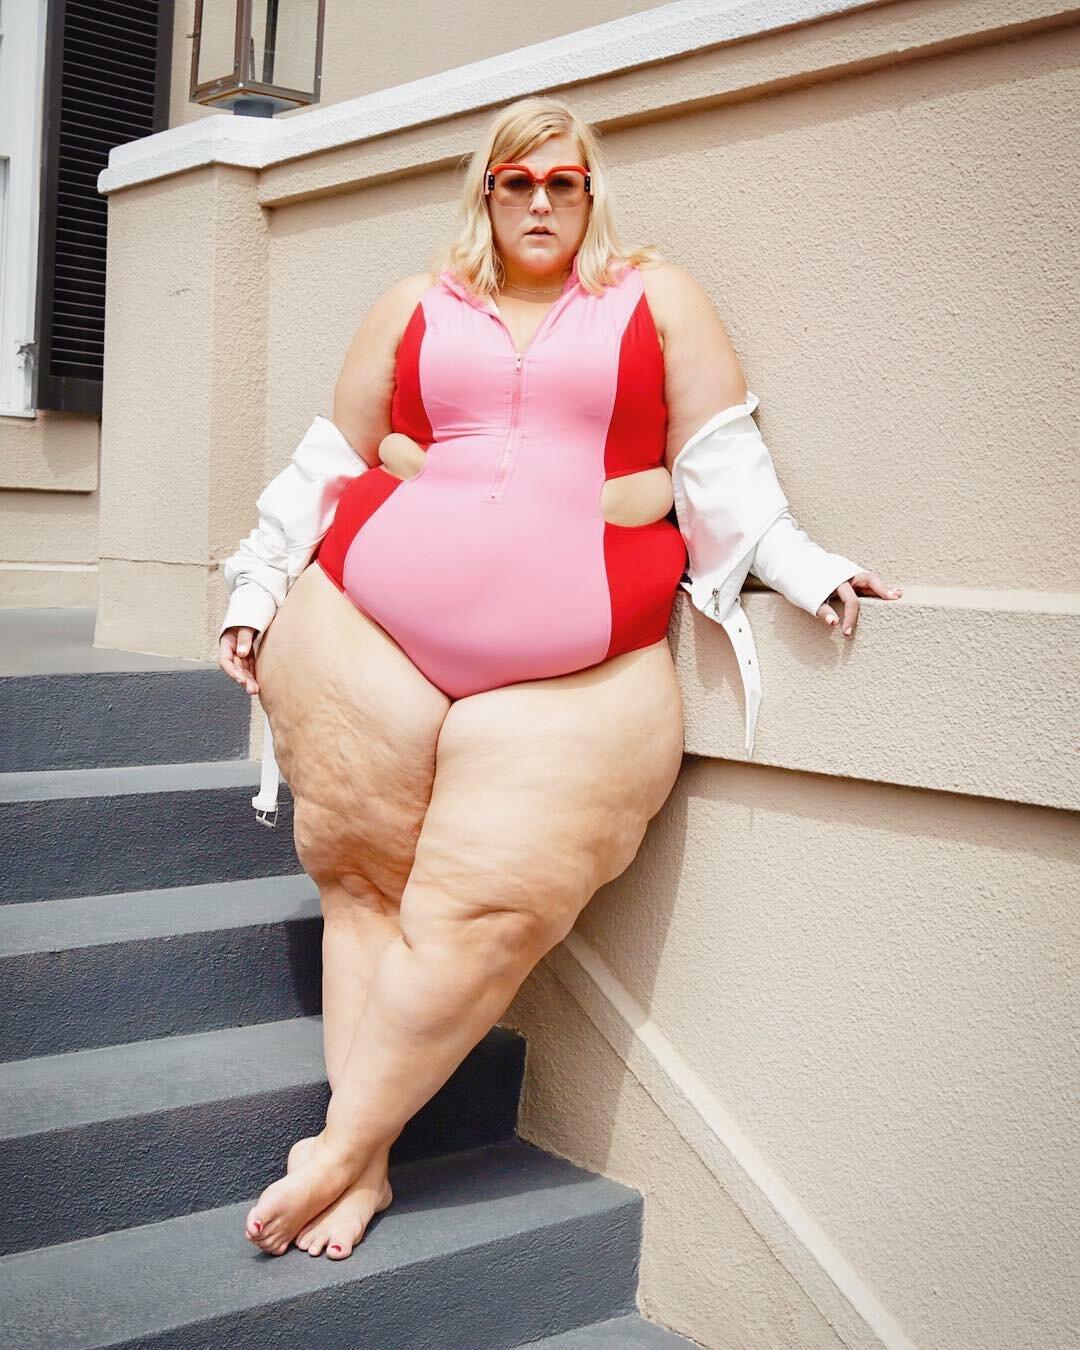 oplNXKY d88 - Модная модель Gillette Venus: бодипозитив или пропаганда ожирения